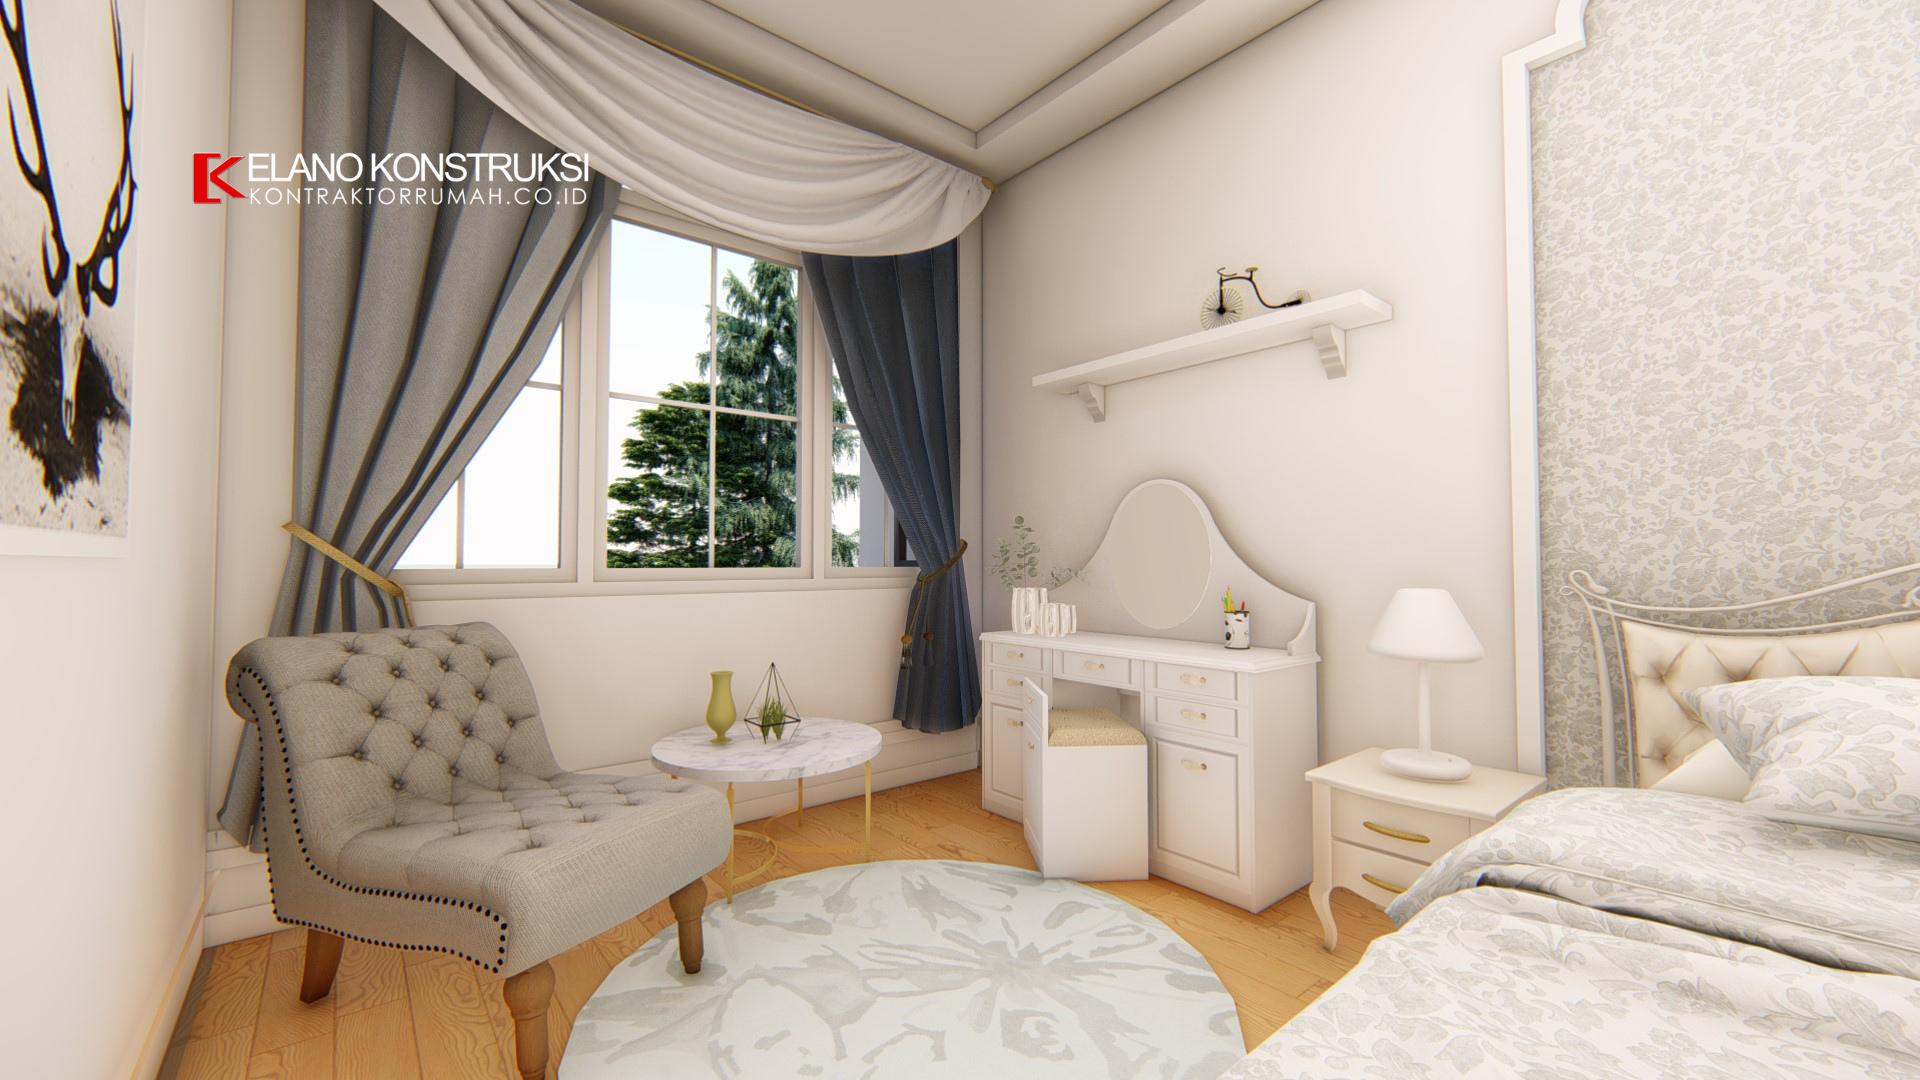 Untitled design 23 - Desain Interior Rumah shabby chic Bapak Wawan 250 M2 Depok